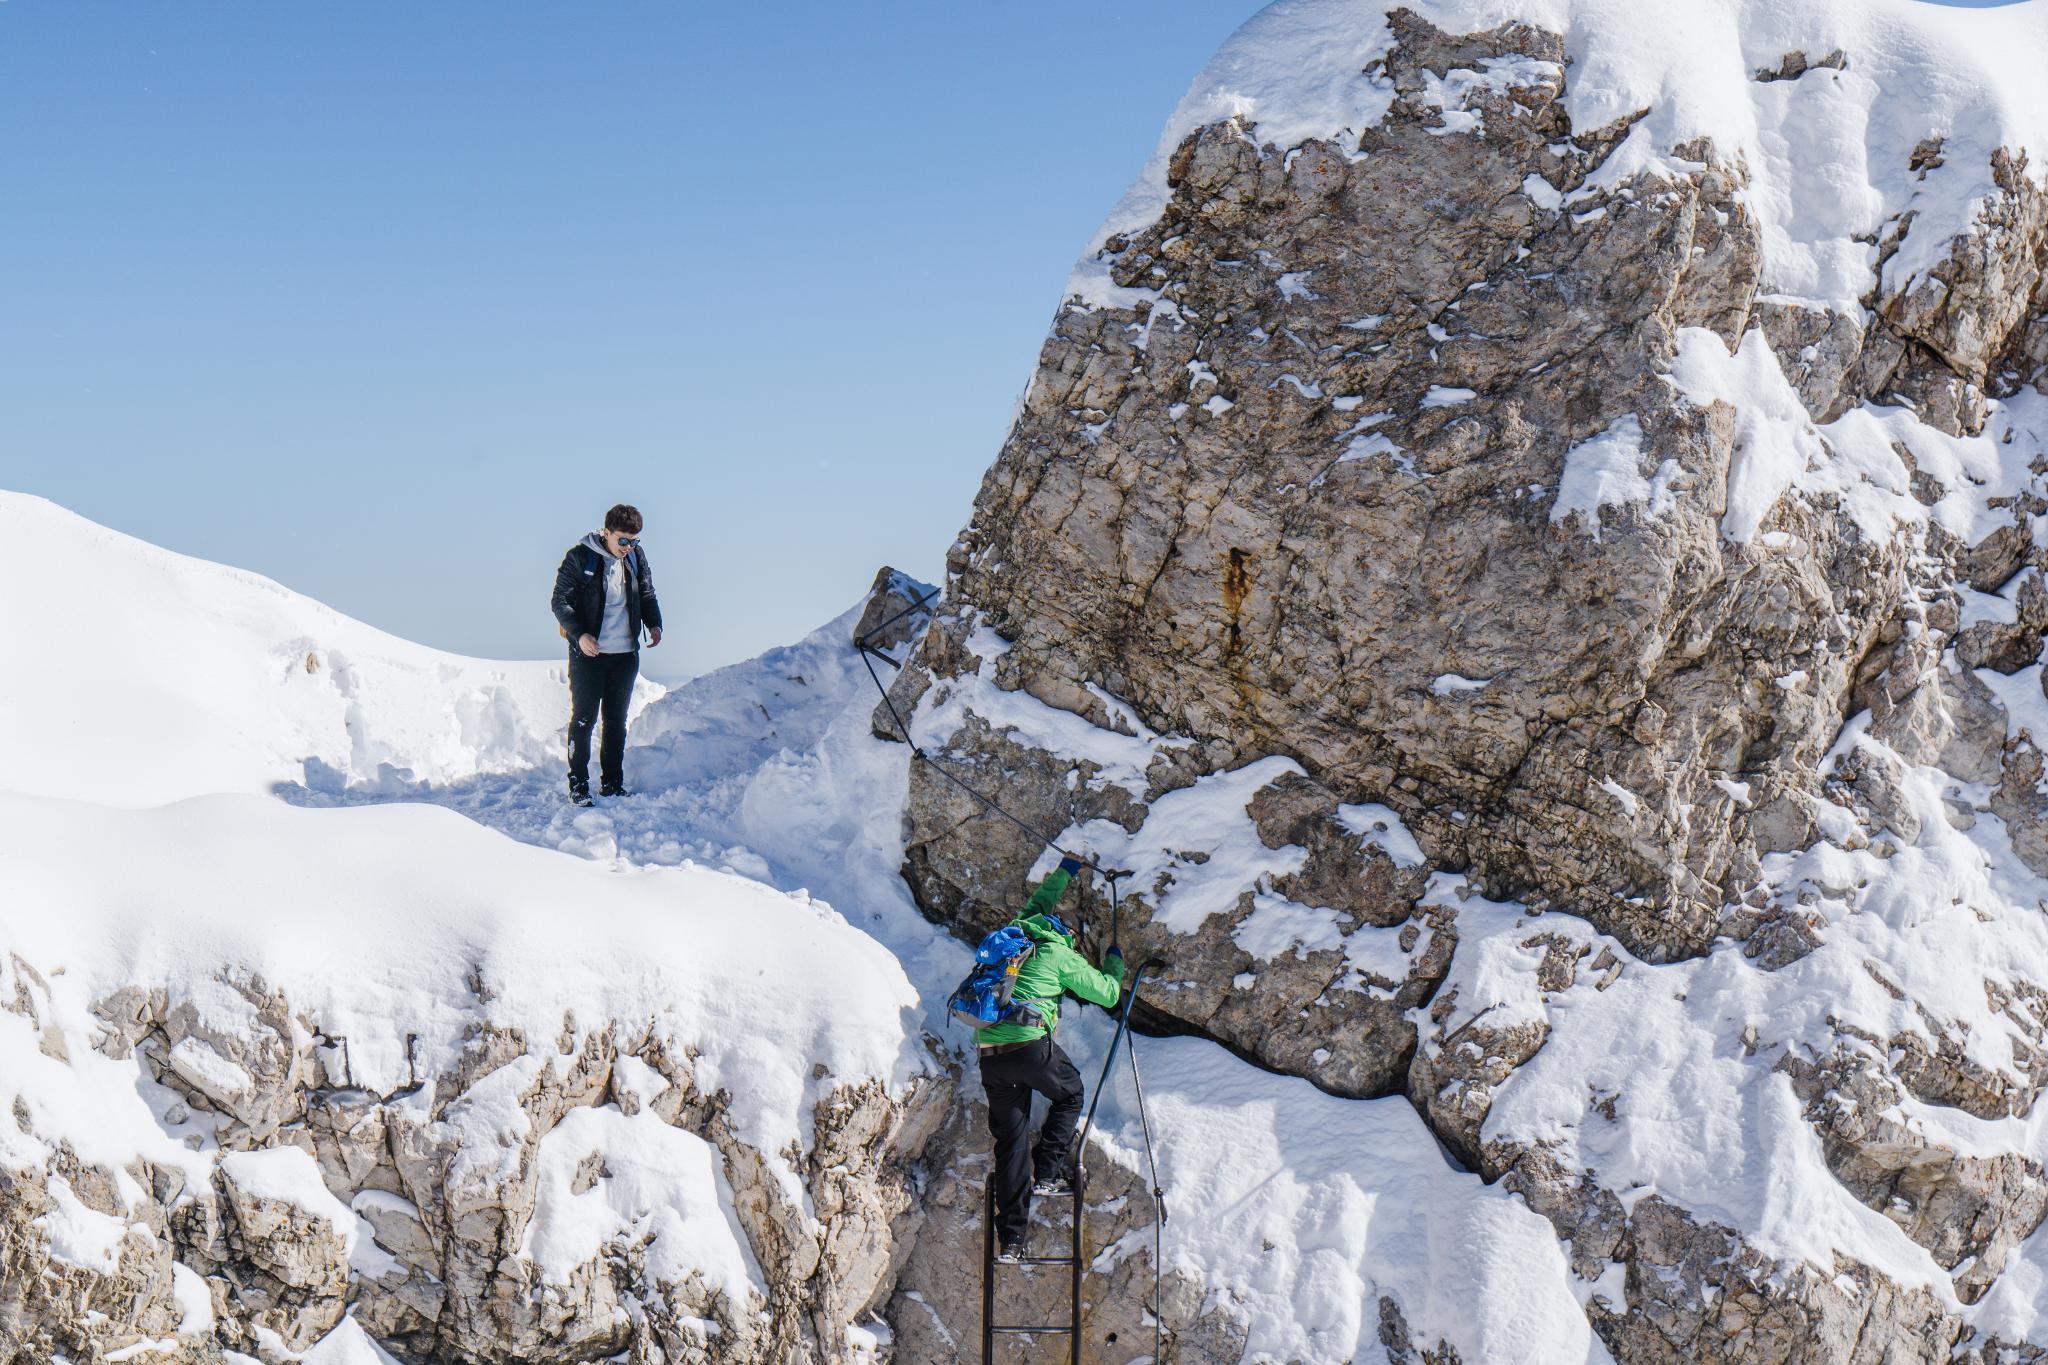 【德國】阿爾卑斯大道:楚格峰 (Zugspitze) 登上德國之巔 60